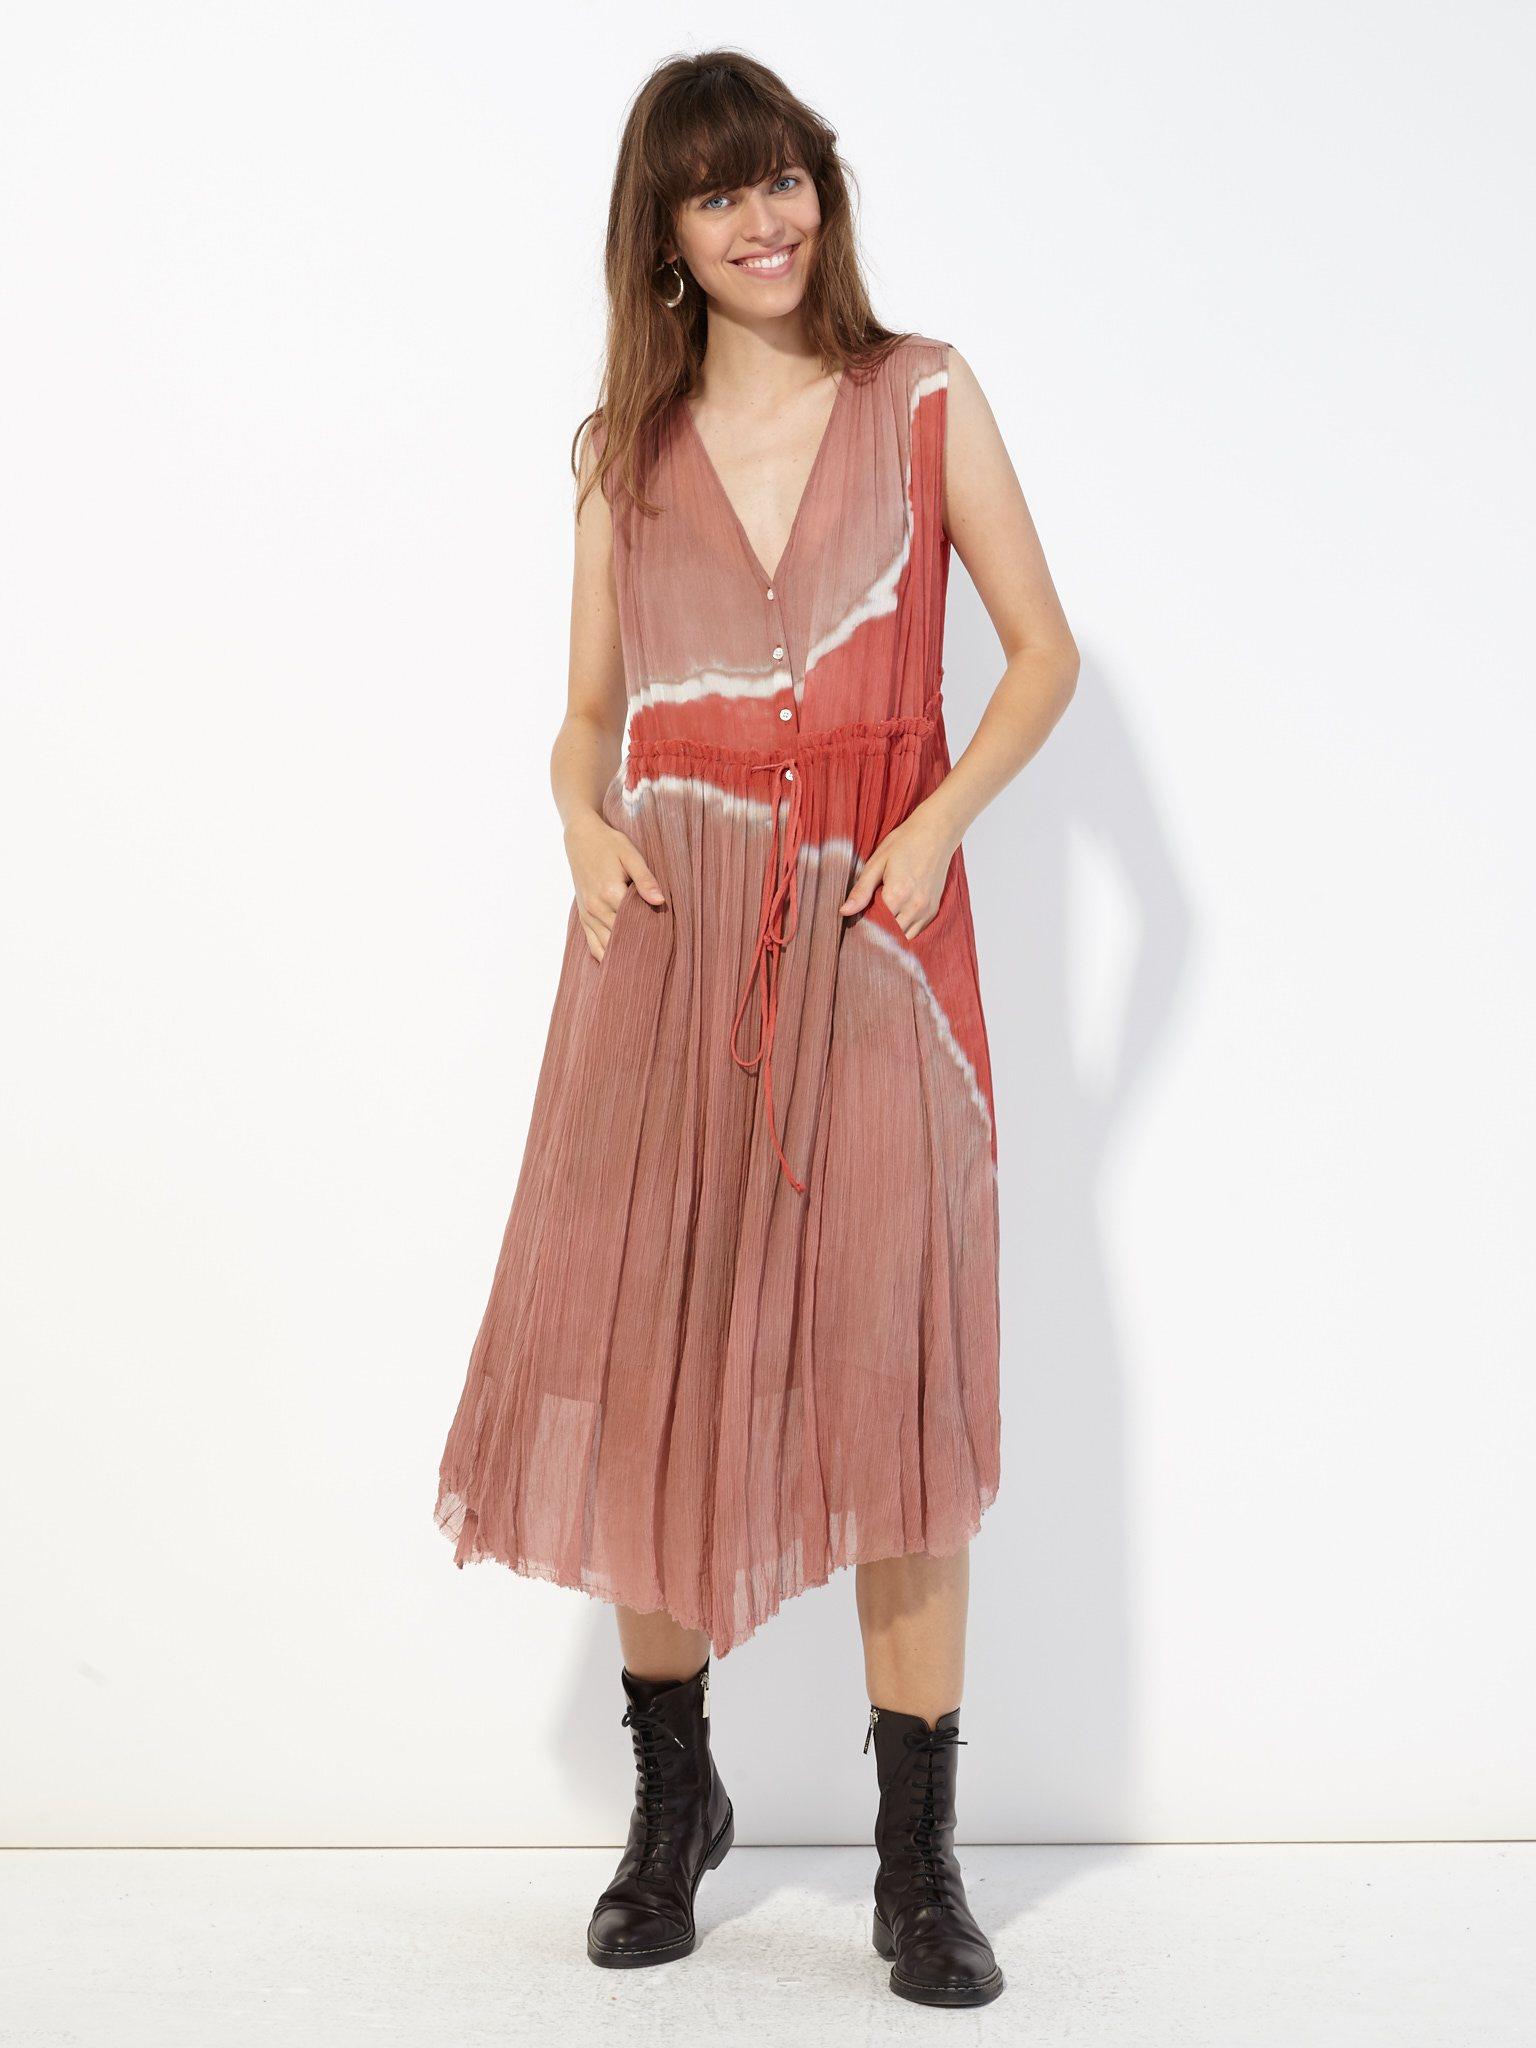 Y83-_6885_Silk_Tie_Dye_Button_Up_Desert_Dress_Pink_Sands_482.jpg